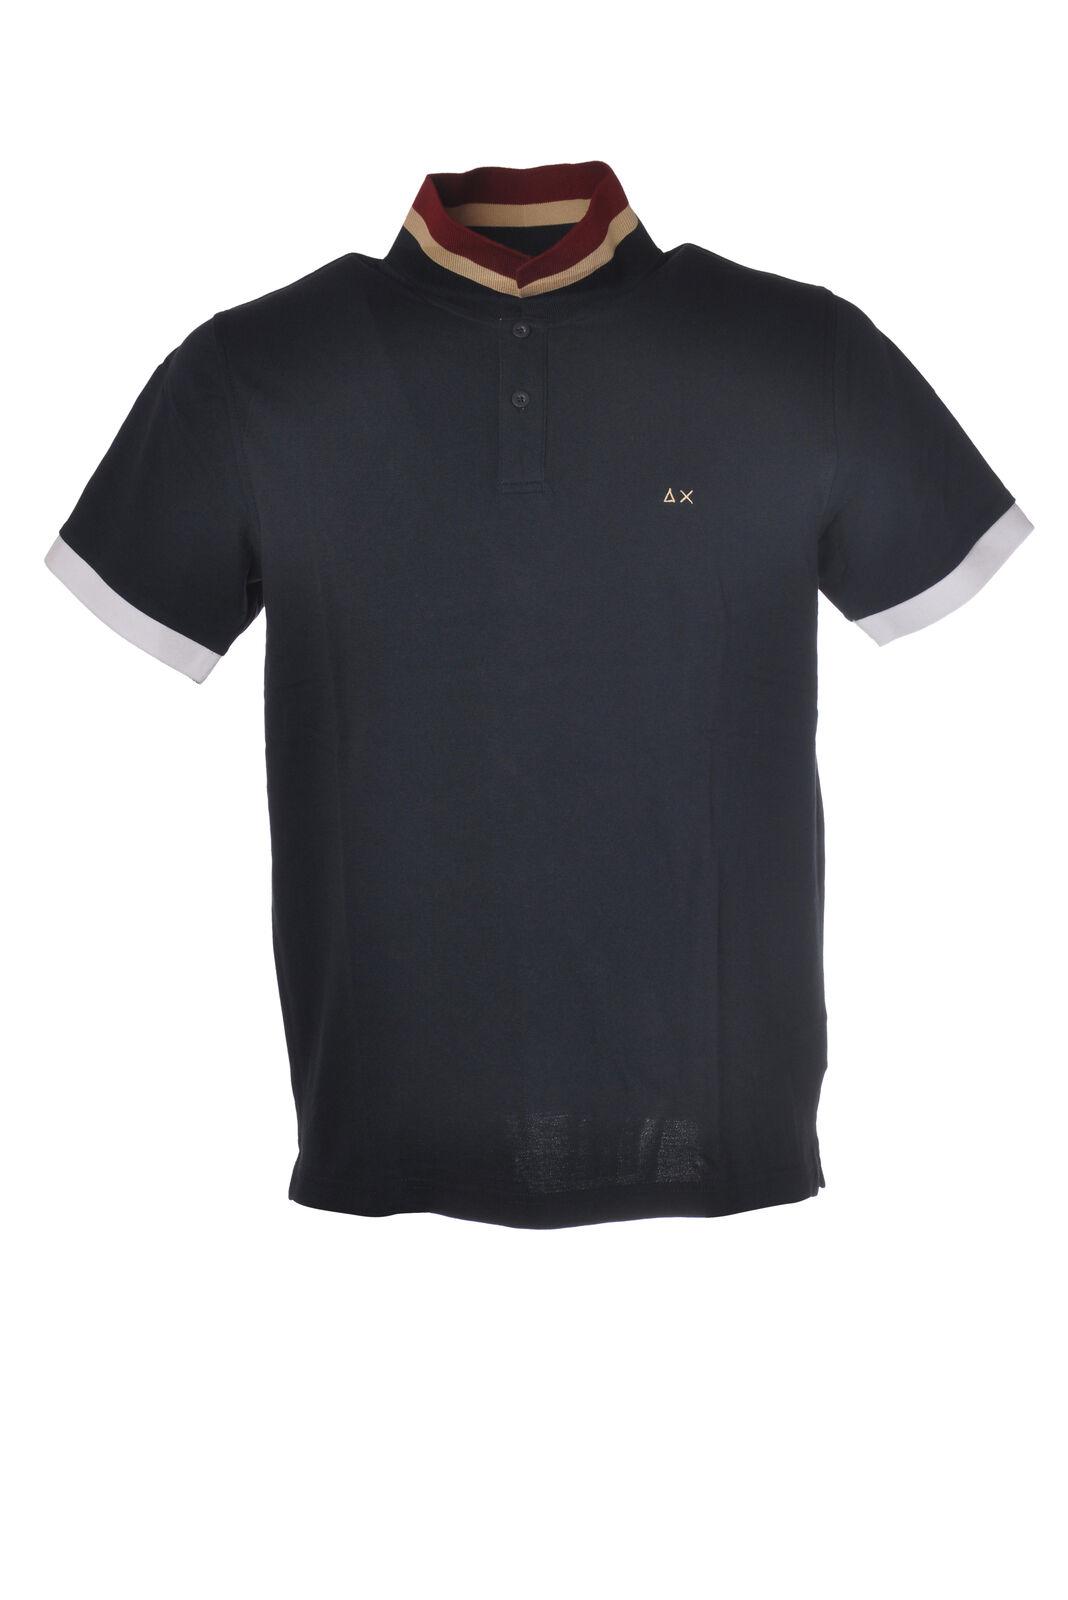 Sun 68 - Topwear-Polo - Man - bluee - 5996605E191102